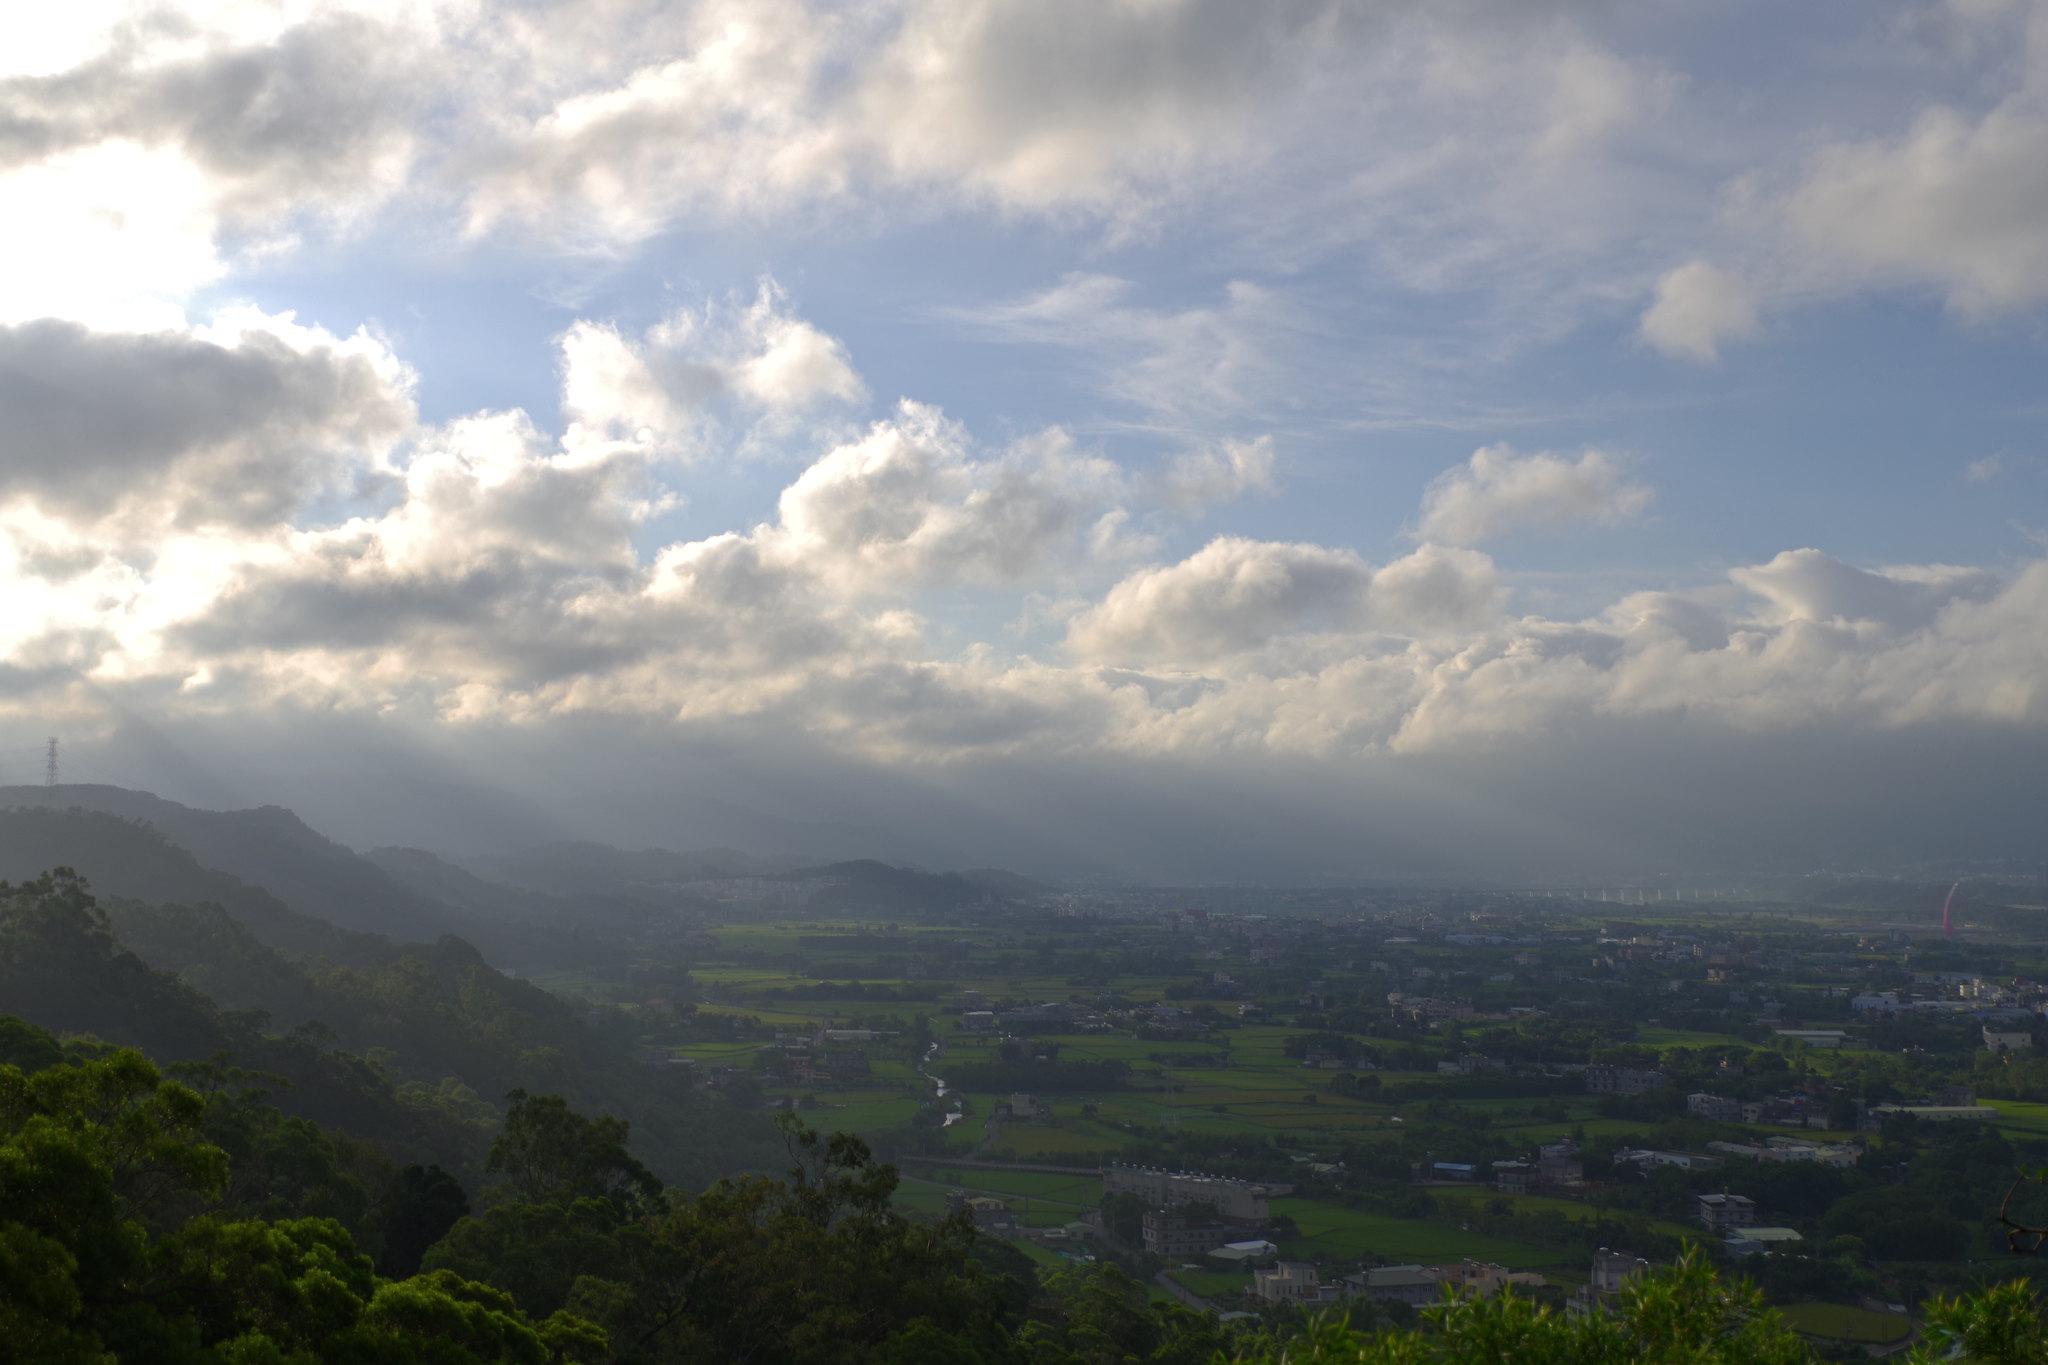 新竹犁頭山文山步道鳥瞰新竹高鐵